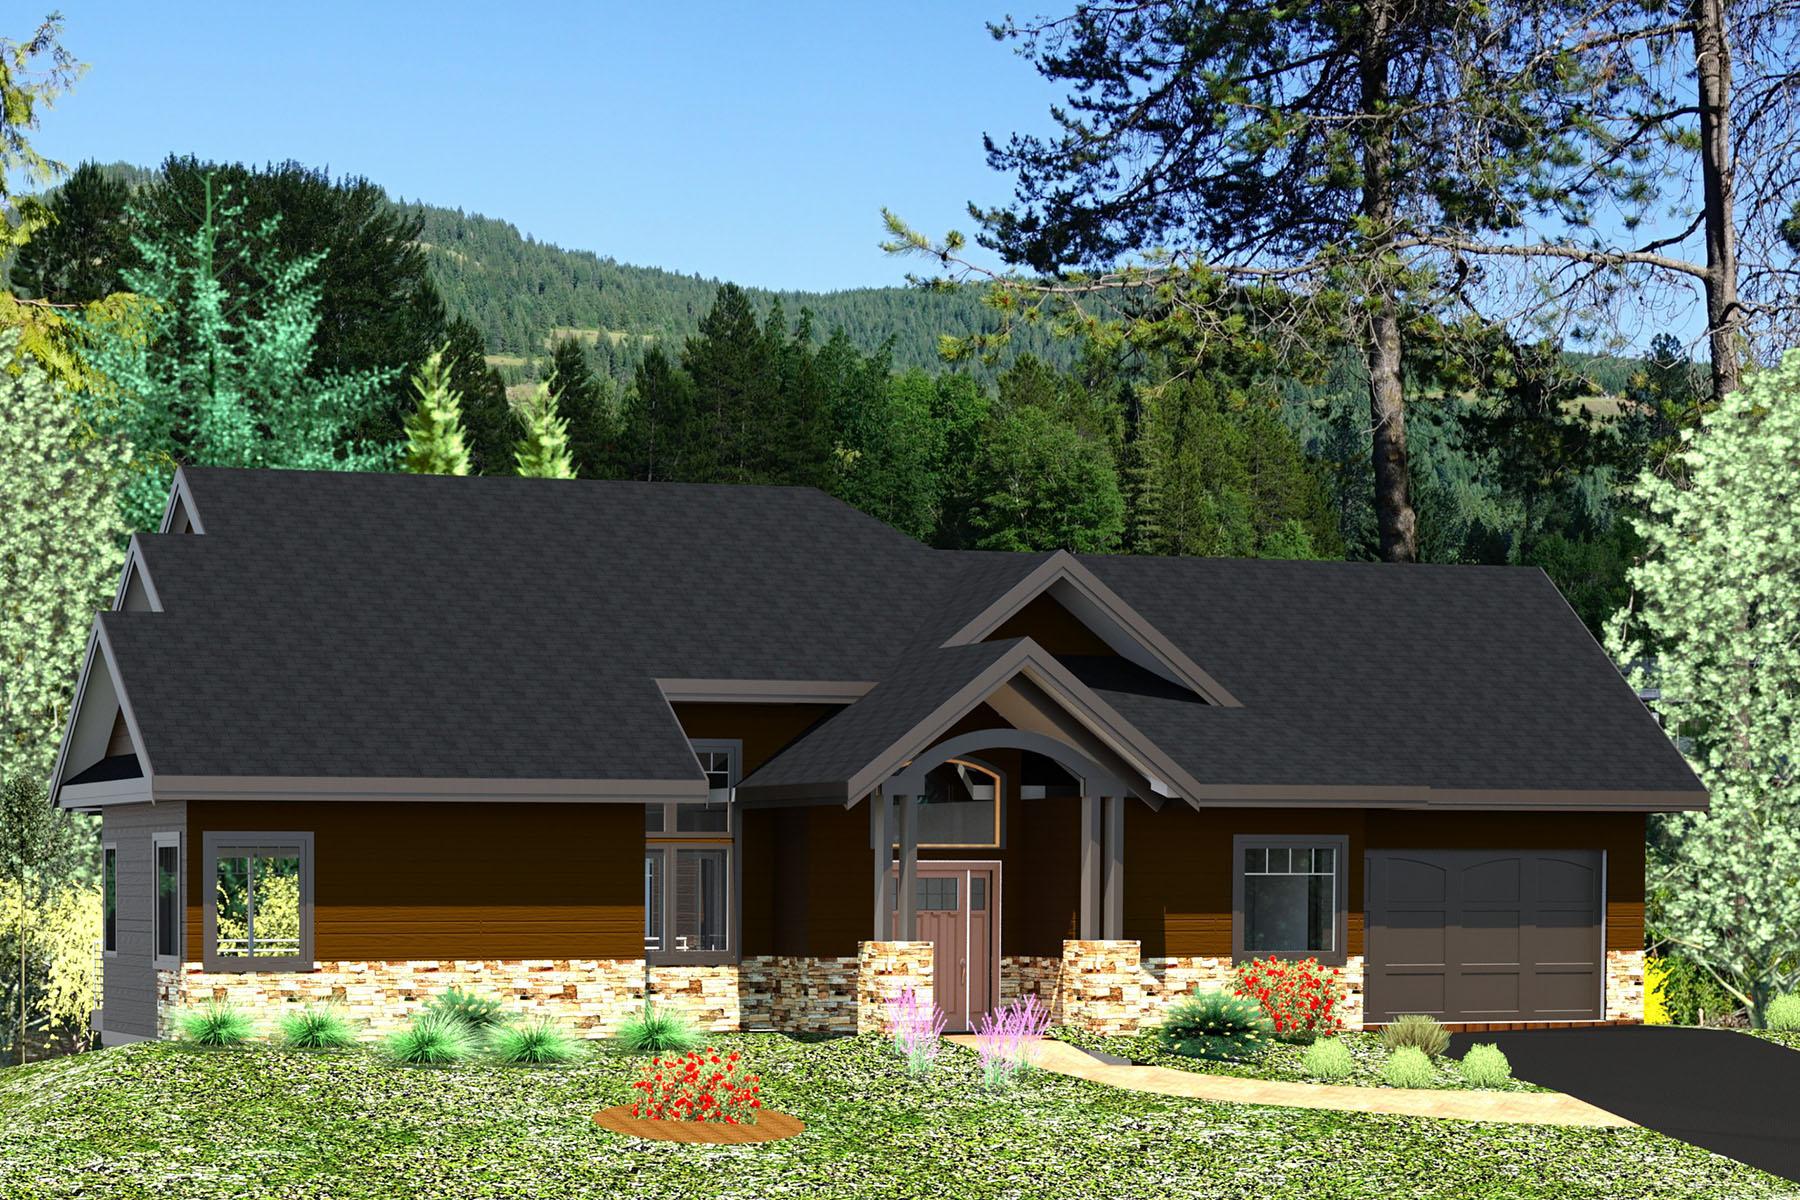 Maison unifamiliale pour l Vente à The Lake Retreat 77 Buck Run Sagle, Idaho, 83860 États-Unis